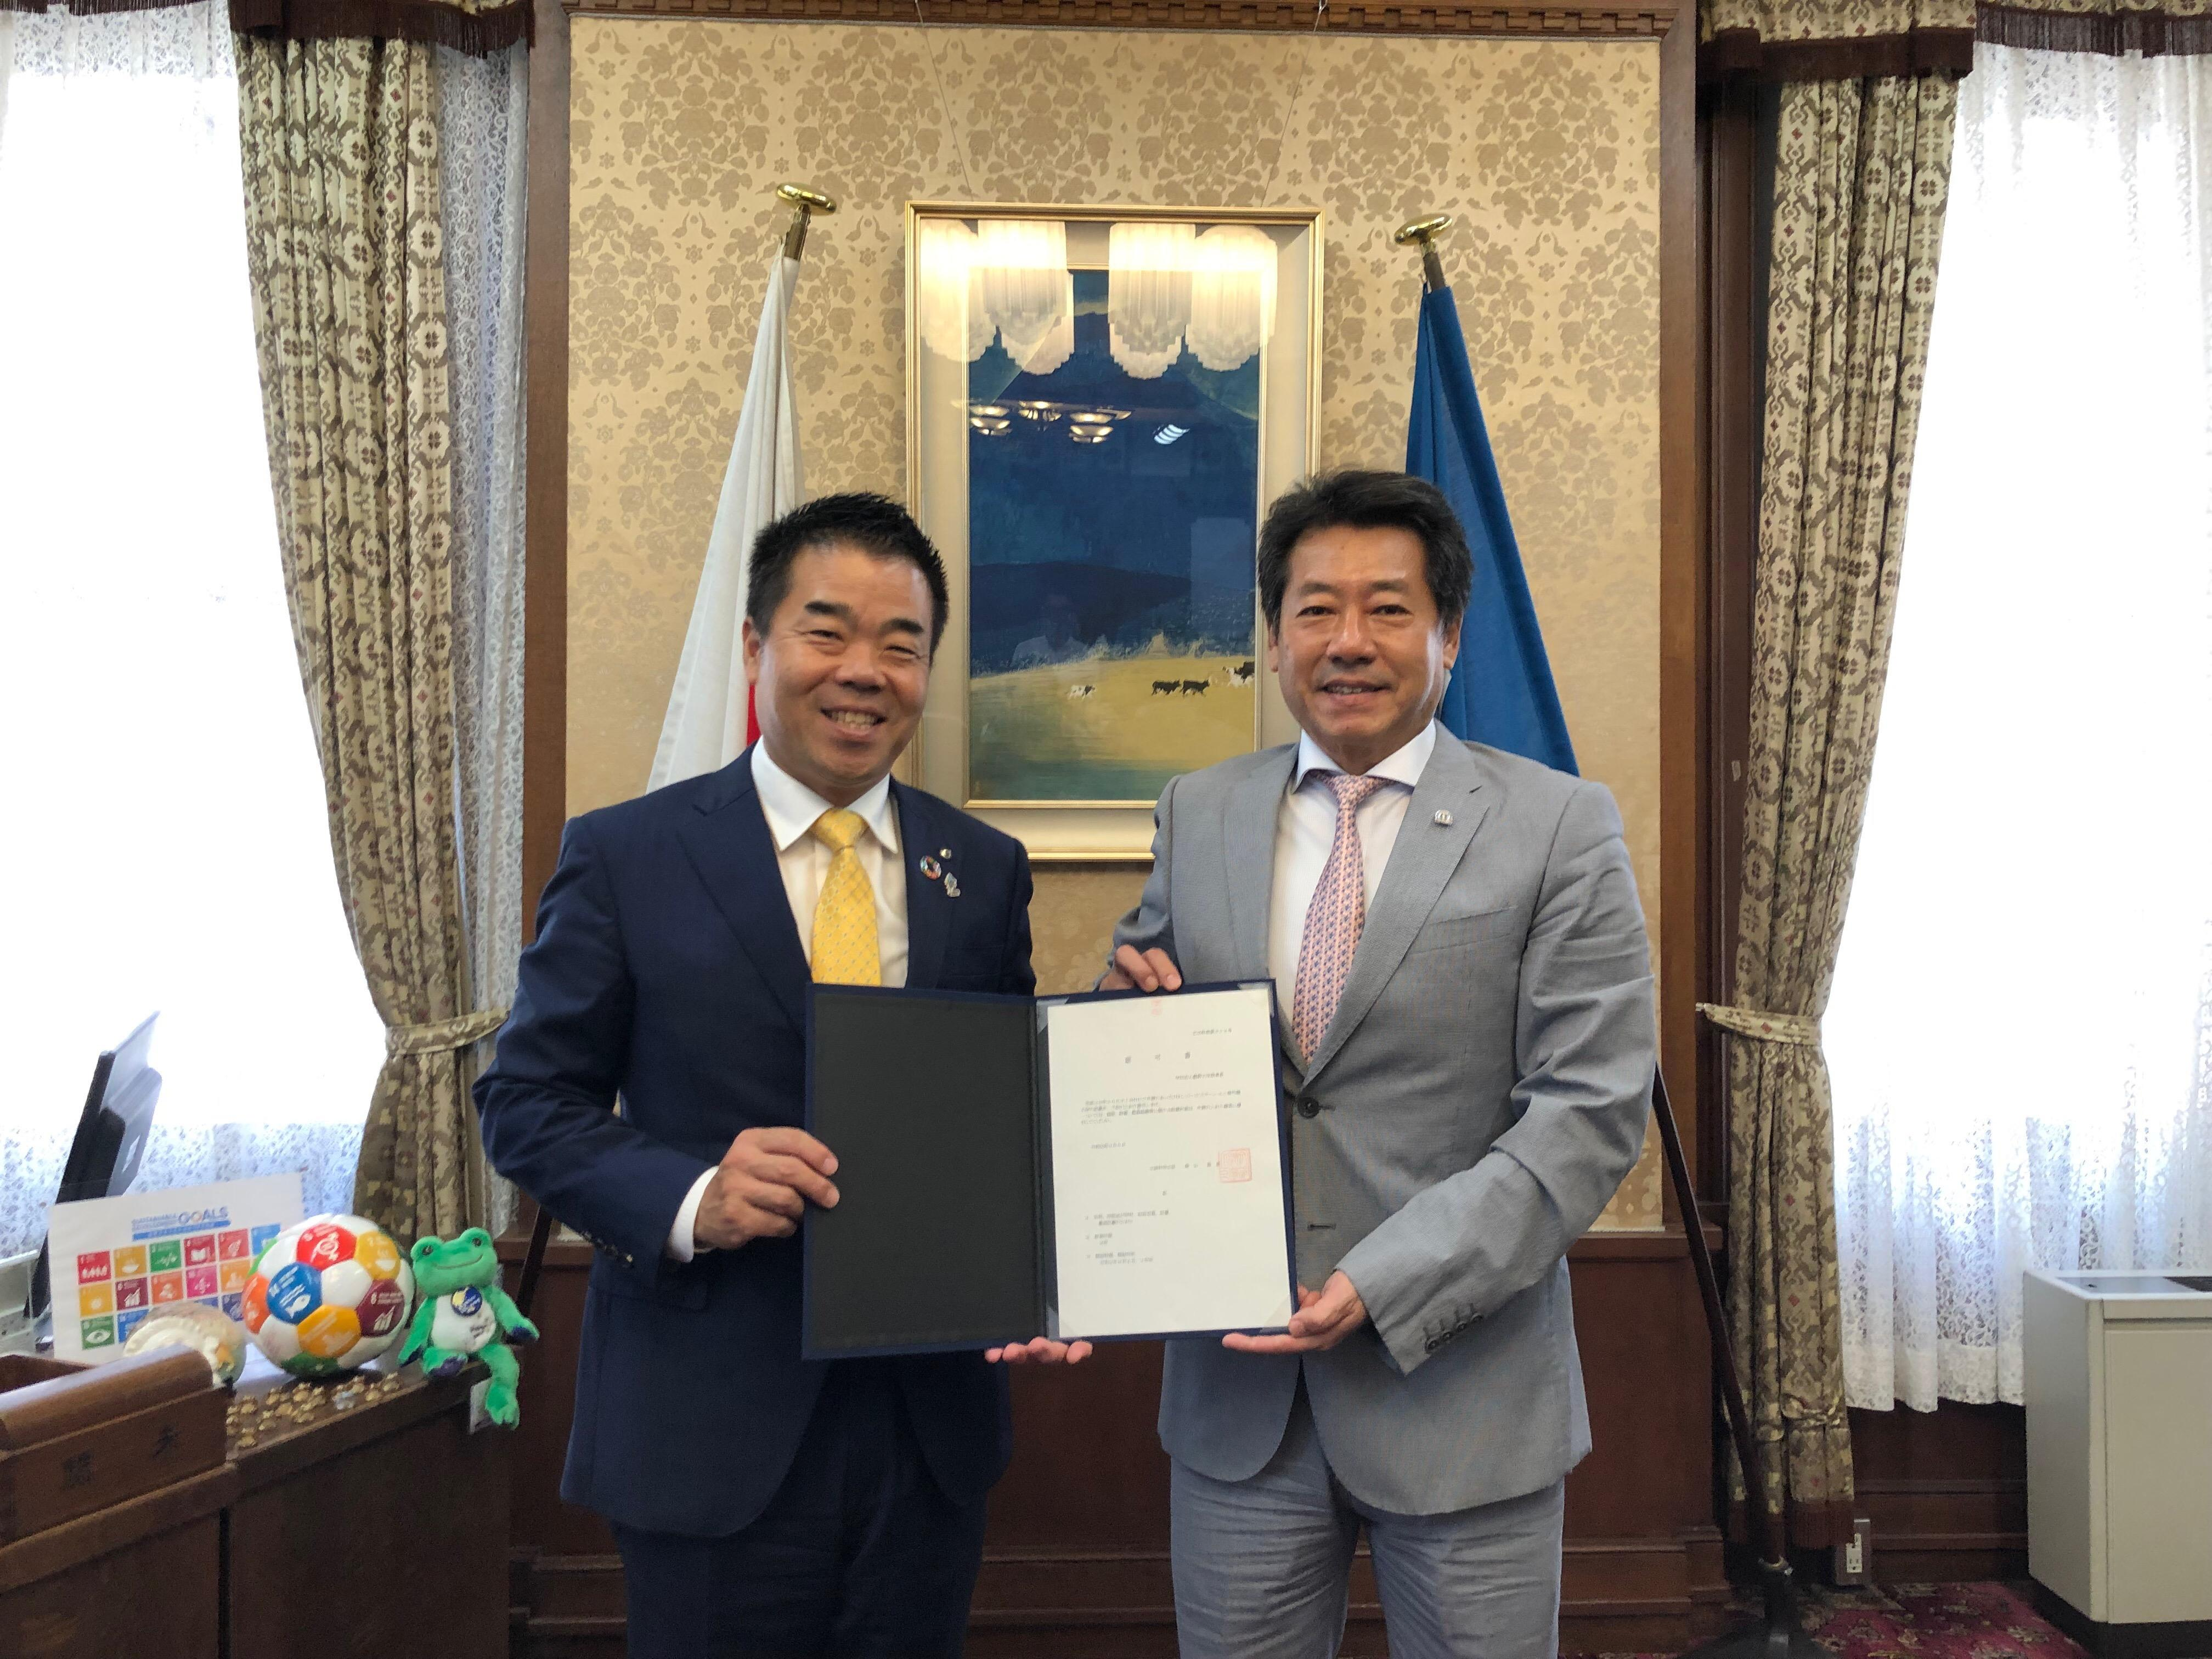 学校法人藍野大学が滋賀県知事を表敬訪問